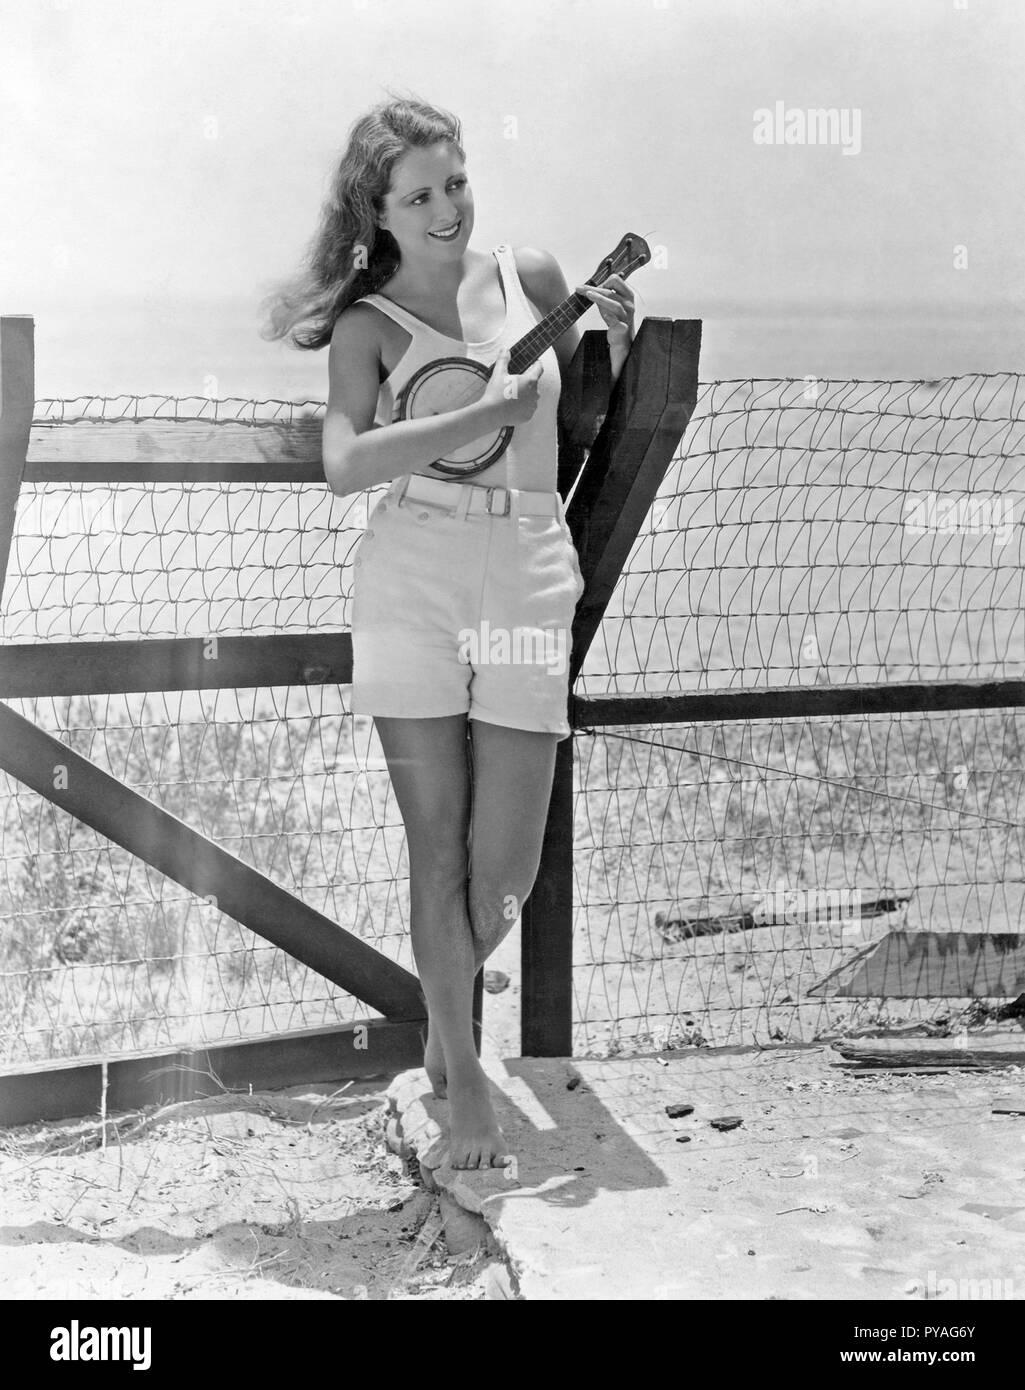 Die amerikanische Schauspielerin in den 1930er Jahren. Die amerikanische Schauspielerin Billie Dove, 1903-1997. Am Strand spielen eine Ukulele. Billie Dove ist eine der beliebtesten Schauspielerinnen in silten Filme der 1920er Jahre Stockbild